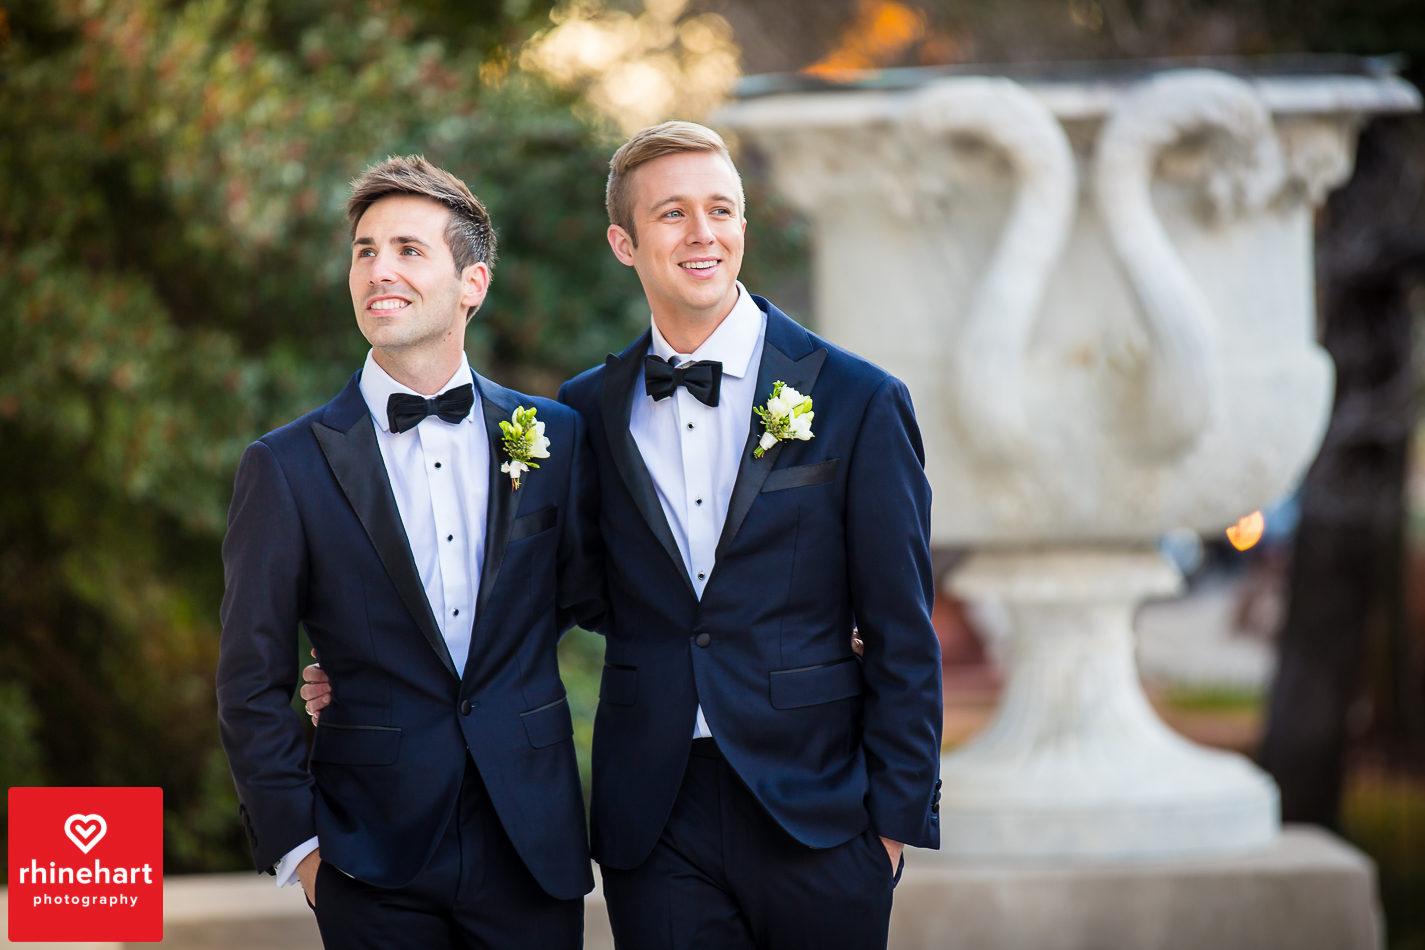 carnegie-institution-of-washington-dc-wedding-photographer-20